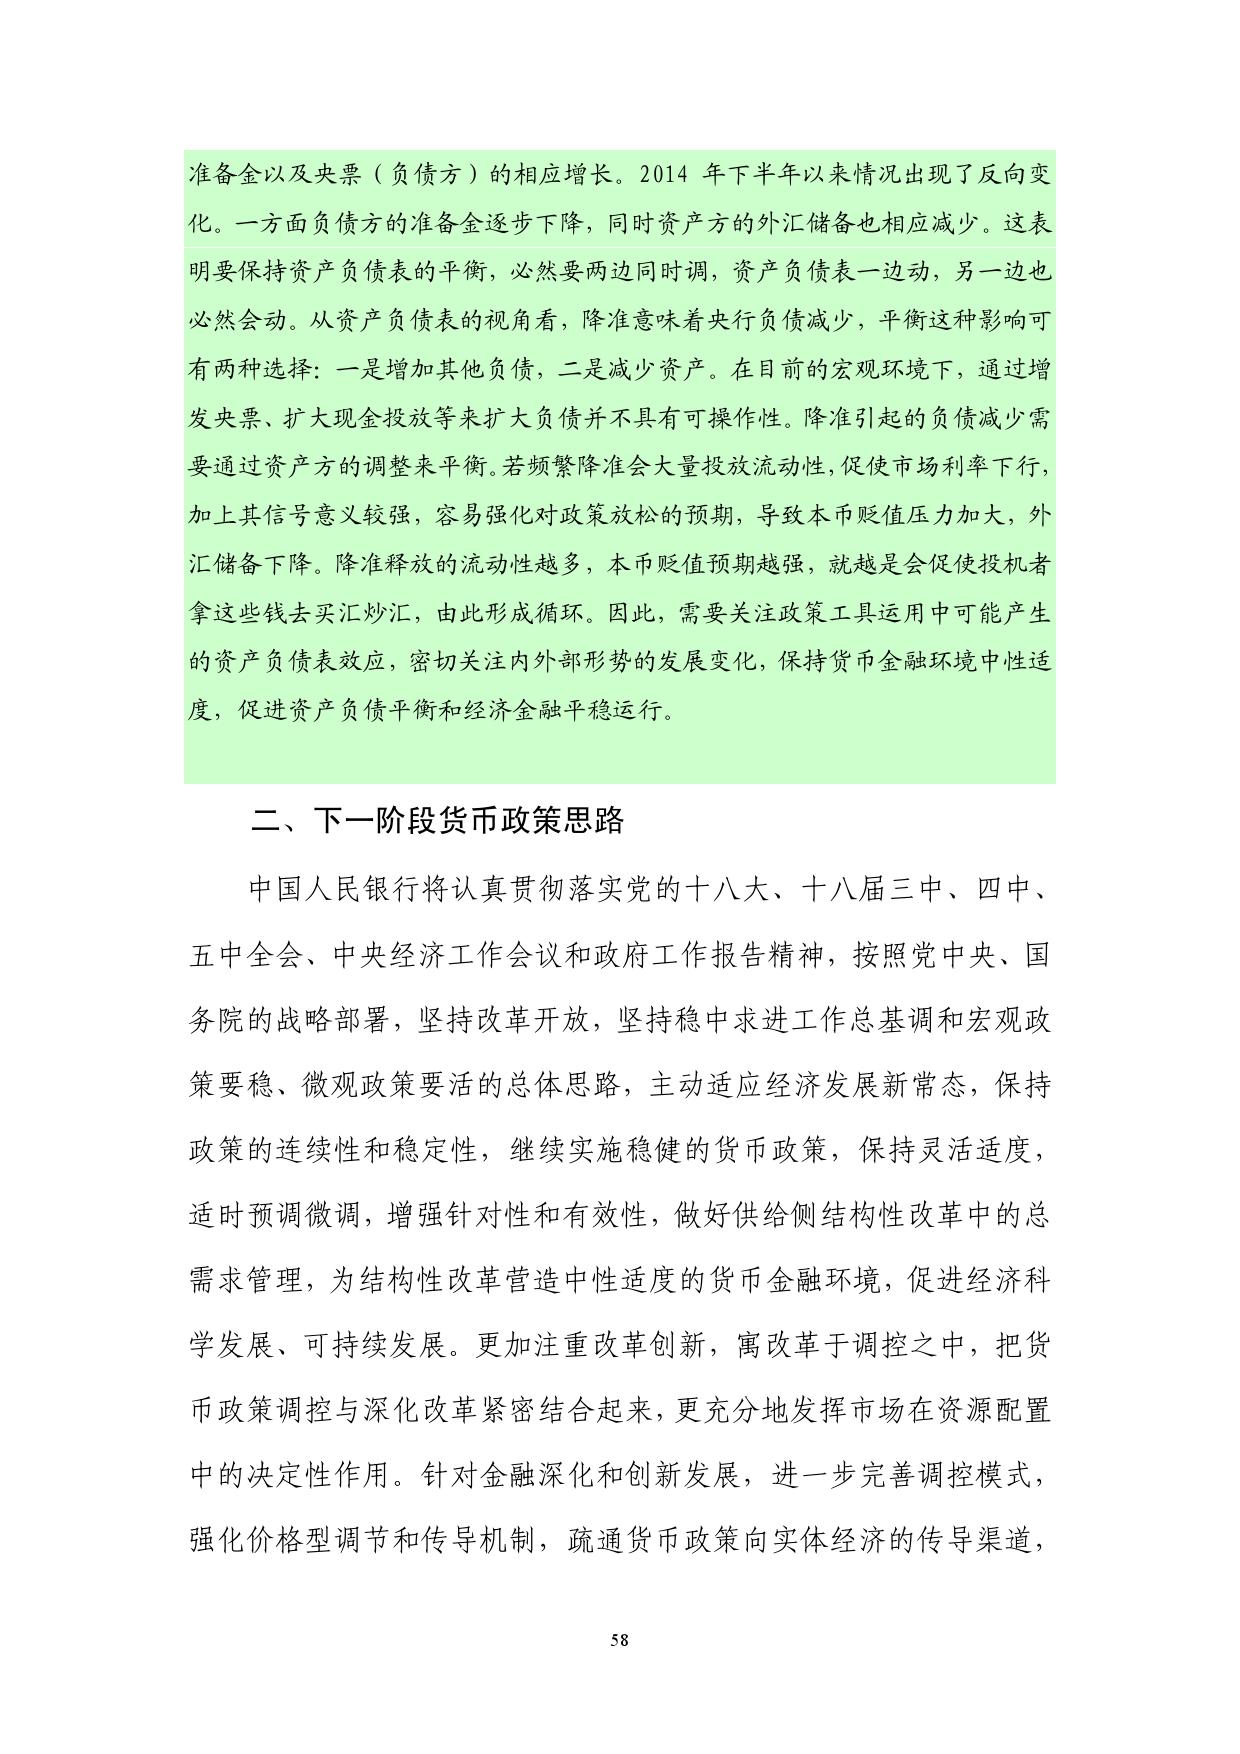 2016年Q2中国货币政策执行报告_000064